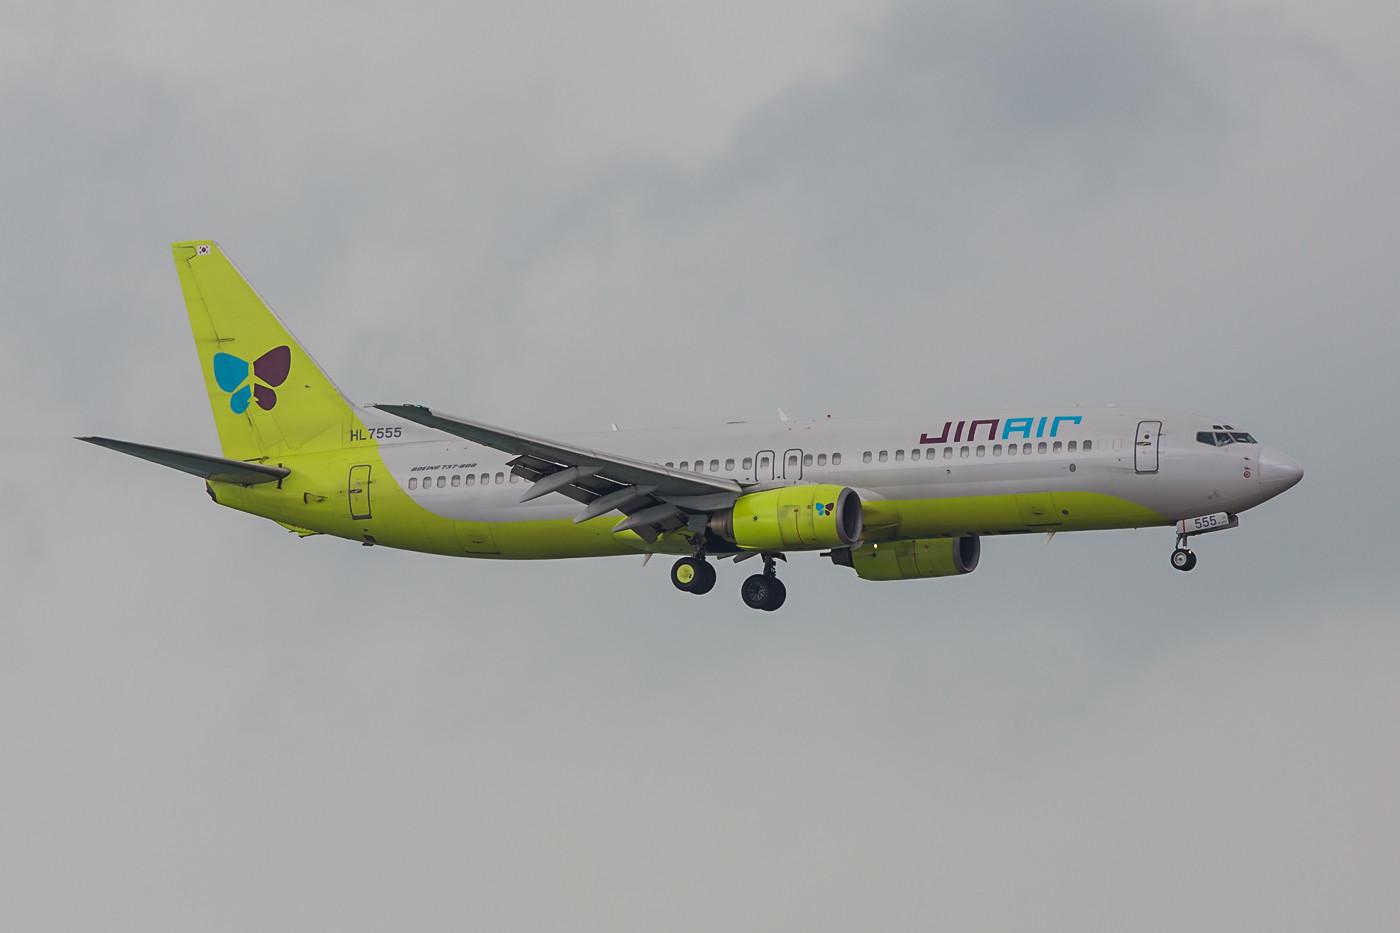 Jinair aus Incheon, ist eine Tochter der Korean Air.